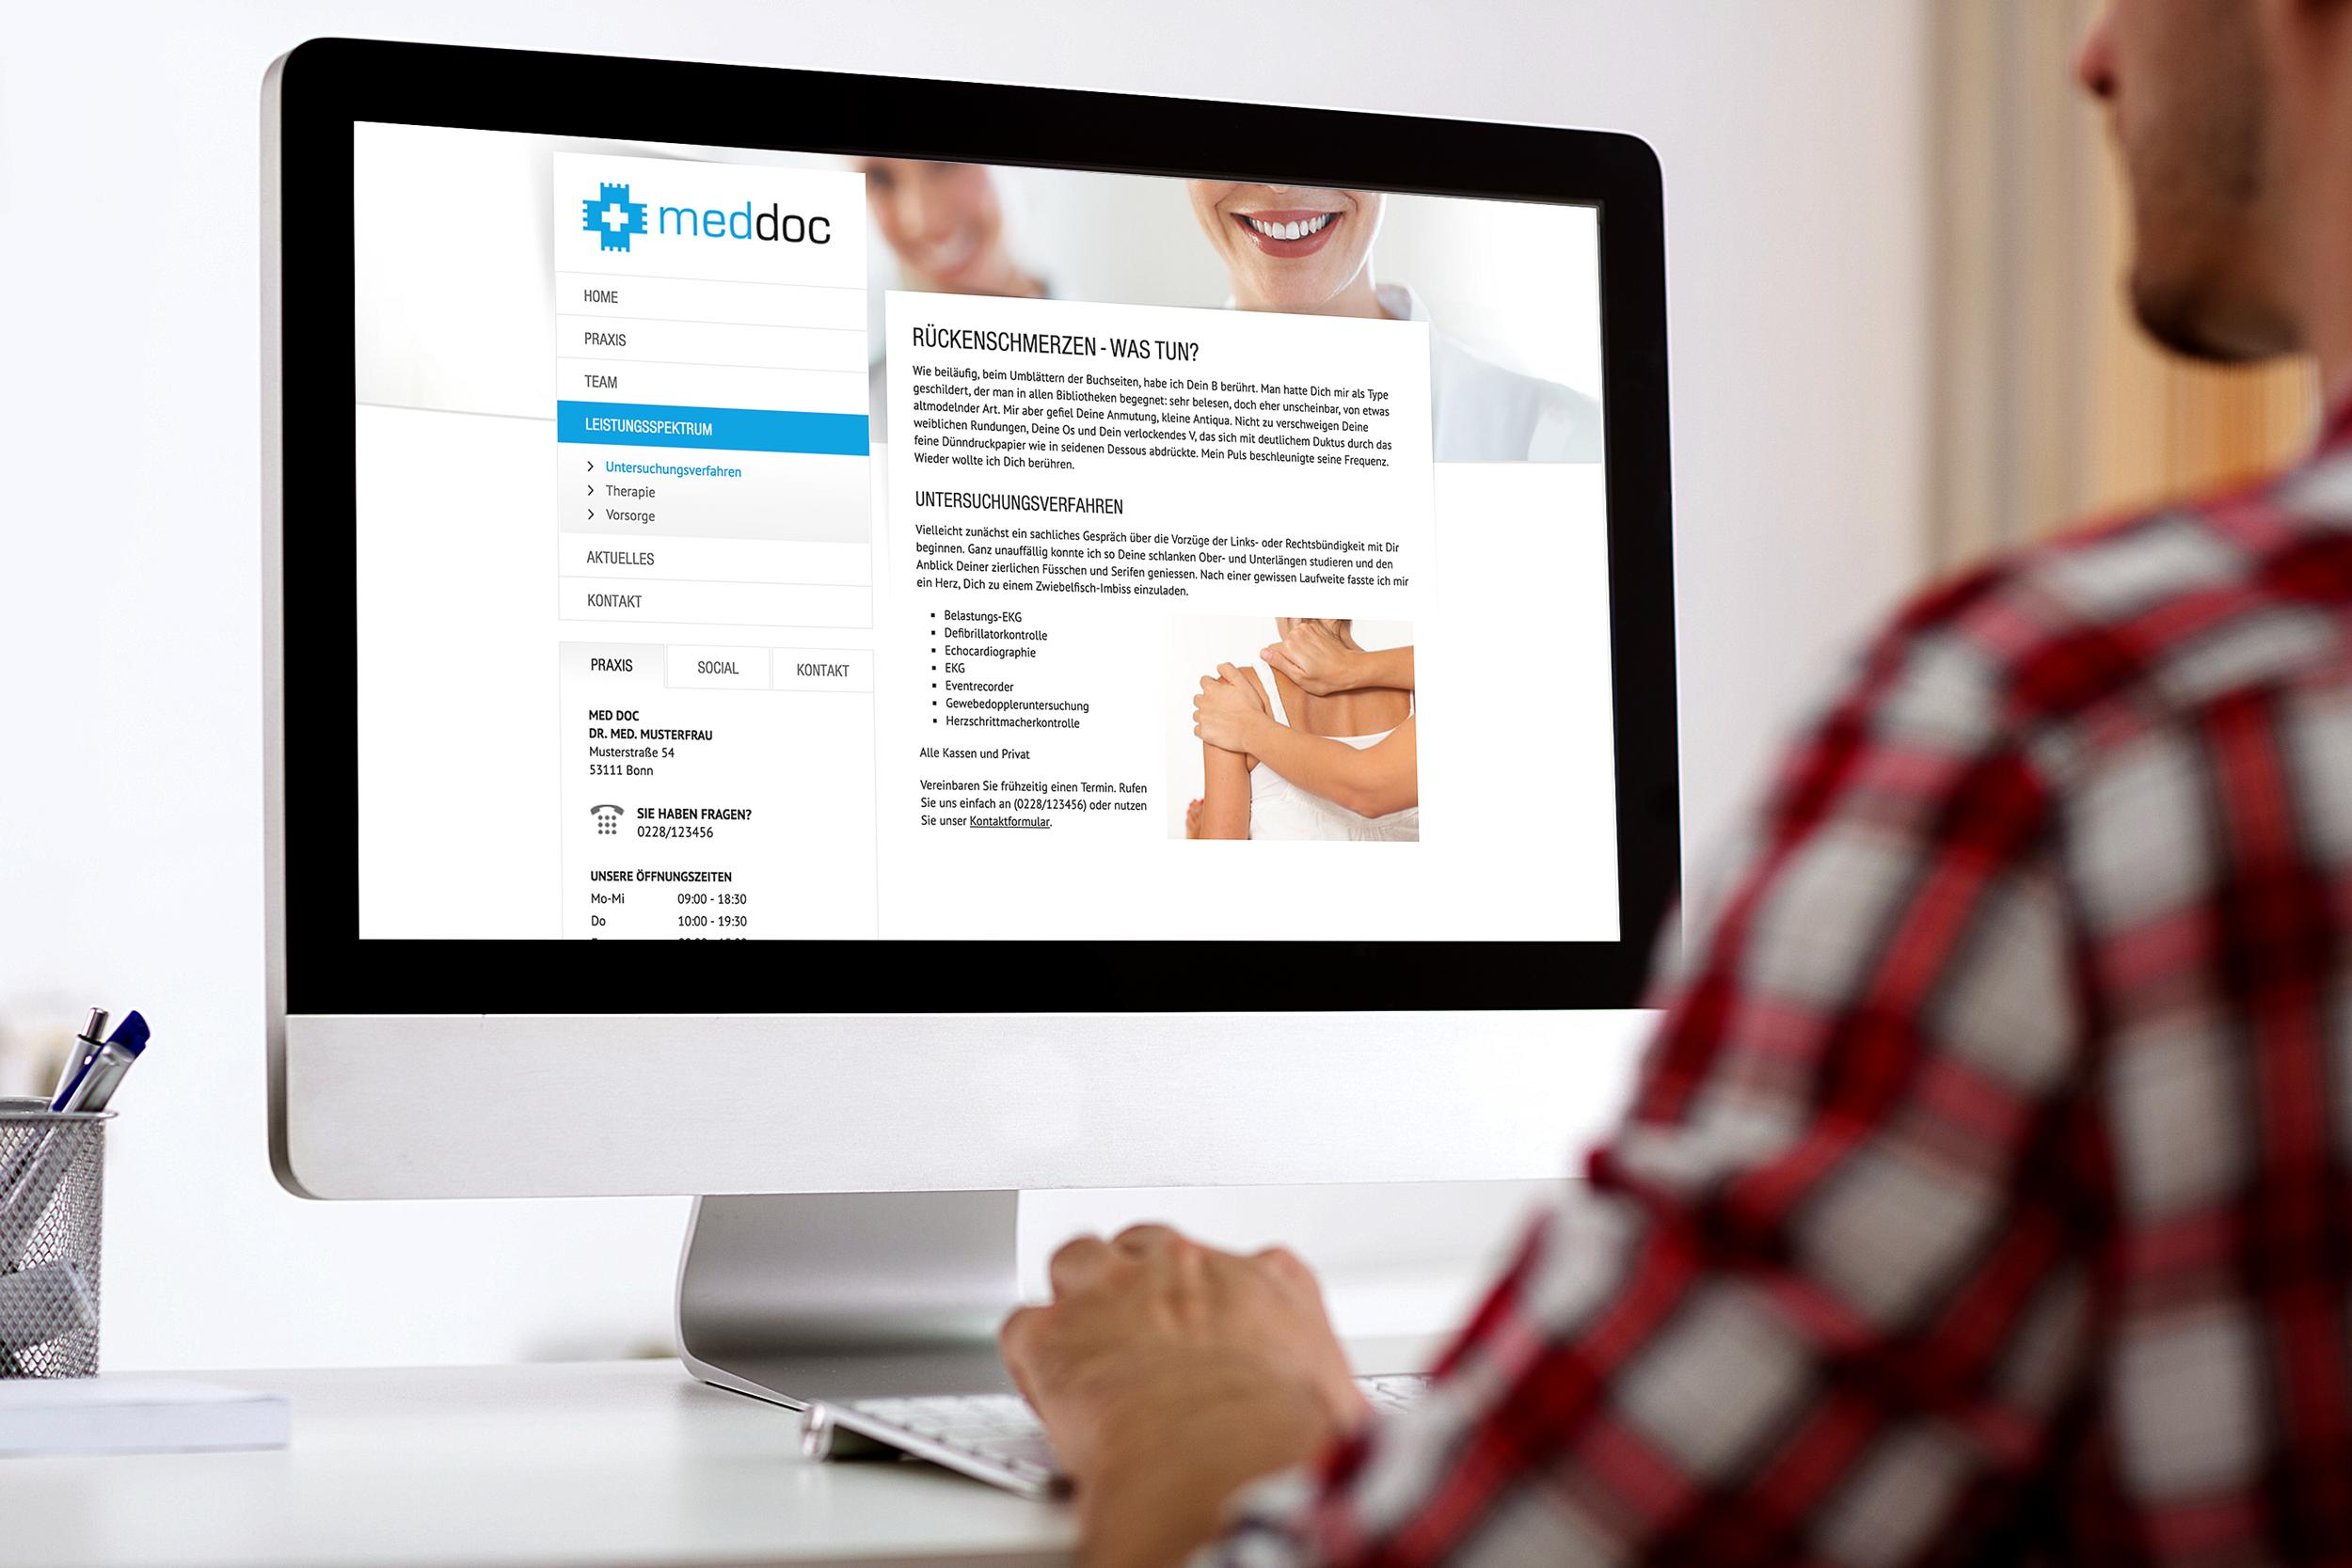 Patient sucht nach Informationen im Internet